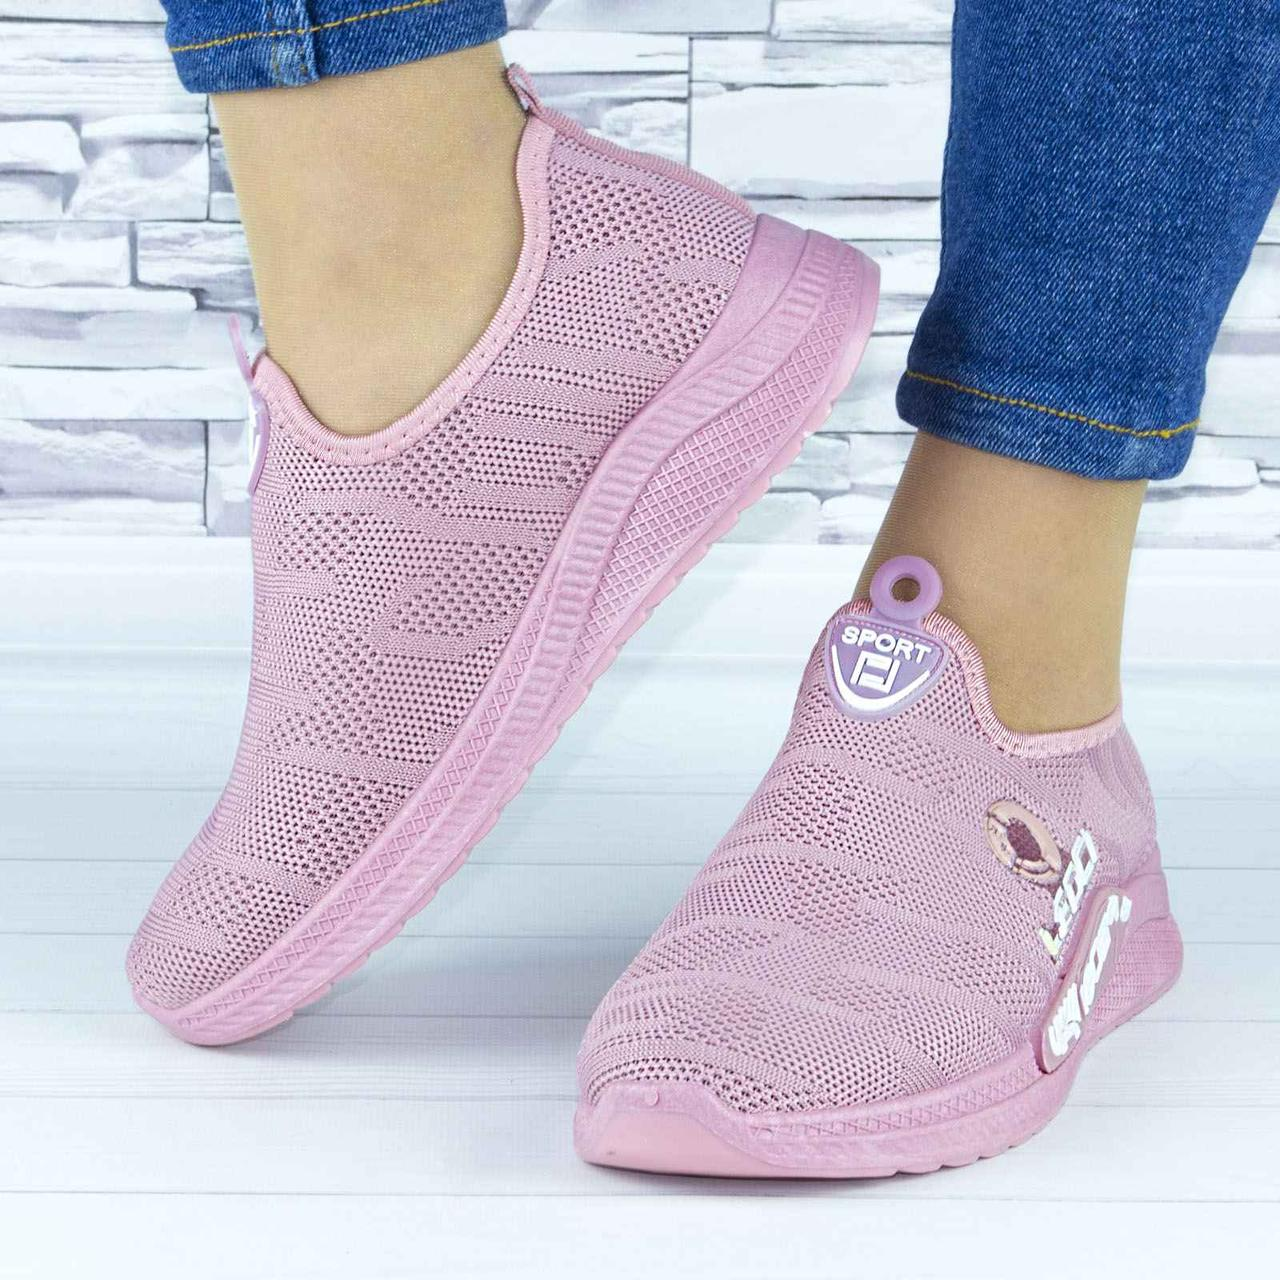 Кросівки жіночі рожеві текстильні сіточка (b-659)